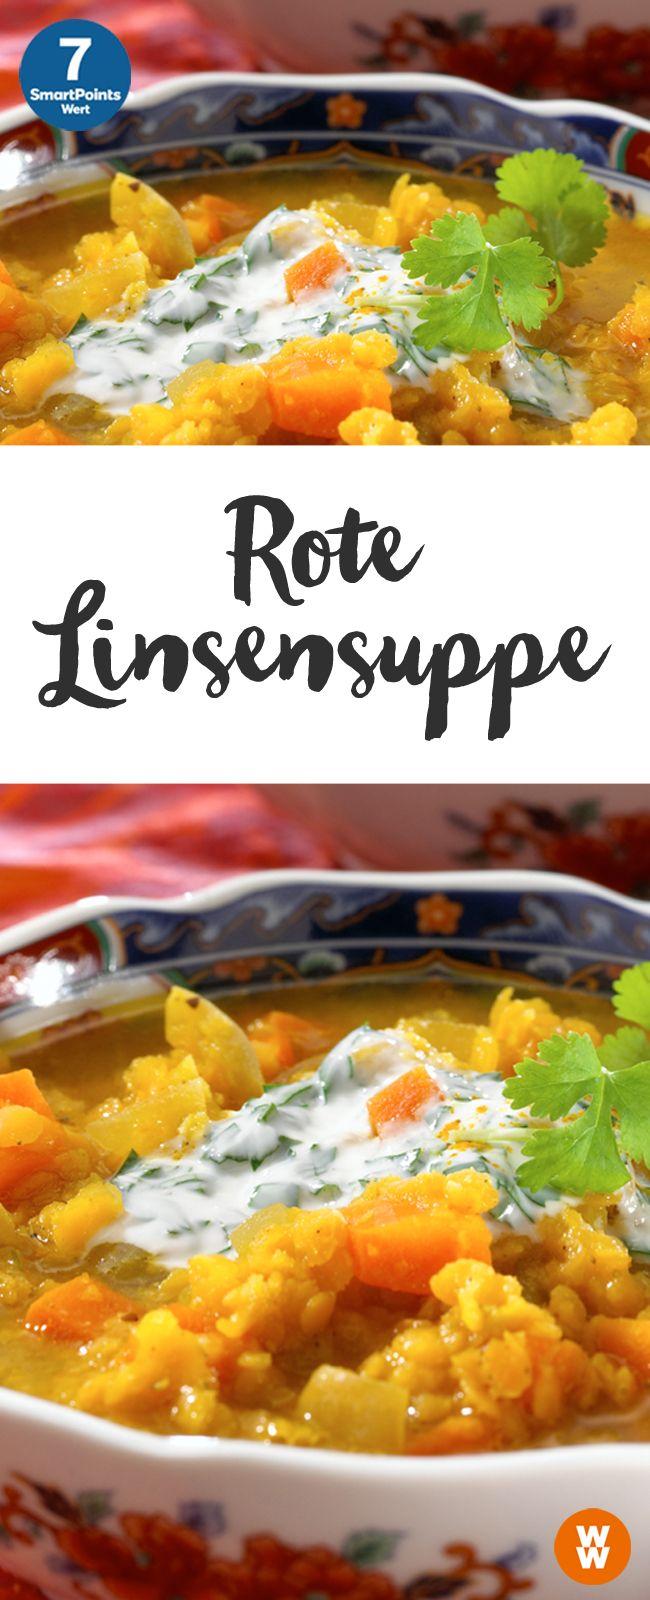 Rote Linsensuppe (Dahl Shaba) | 4 Portionen, 7 SmartPoints/Portion, Weight Watchers, fertig in 35 min.